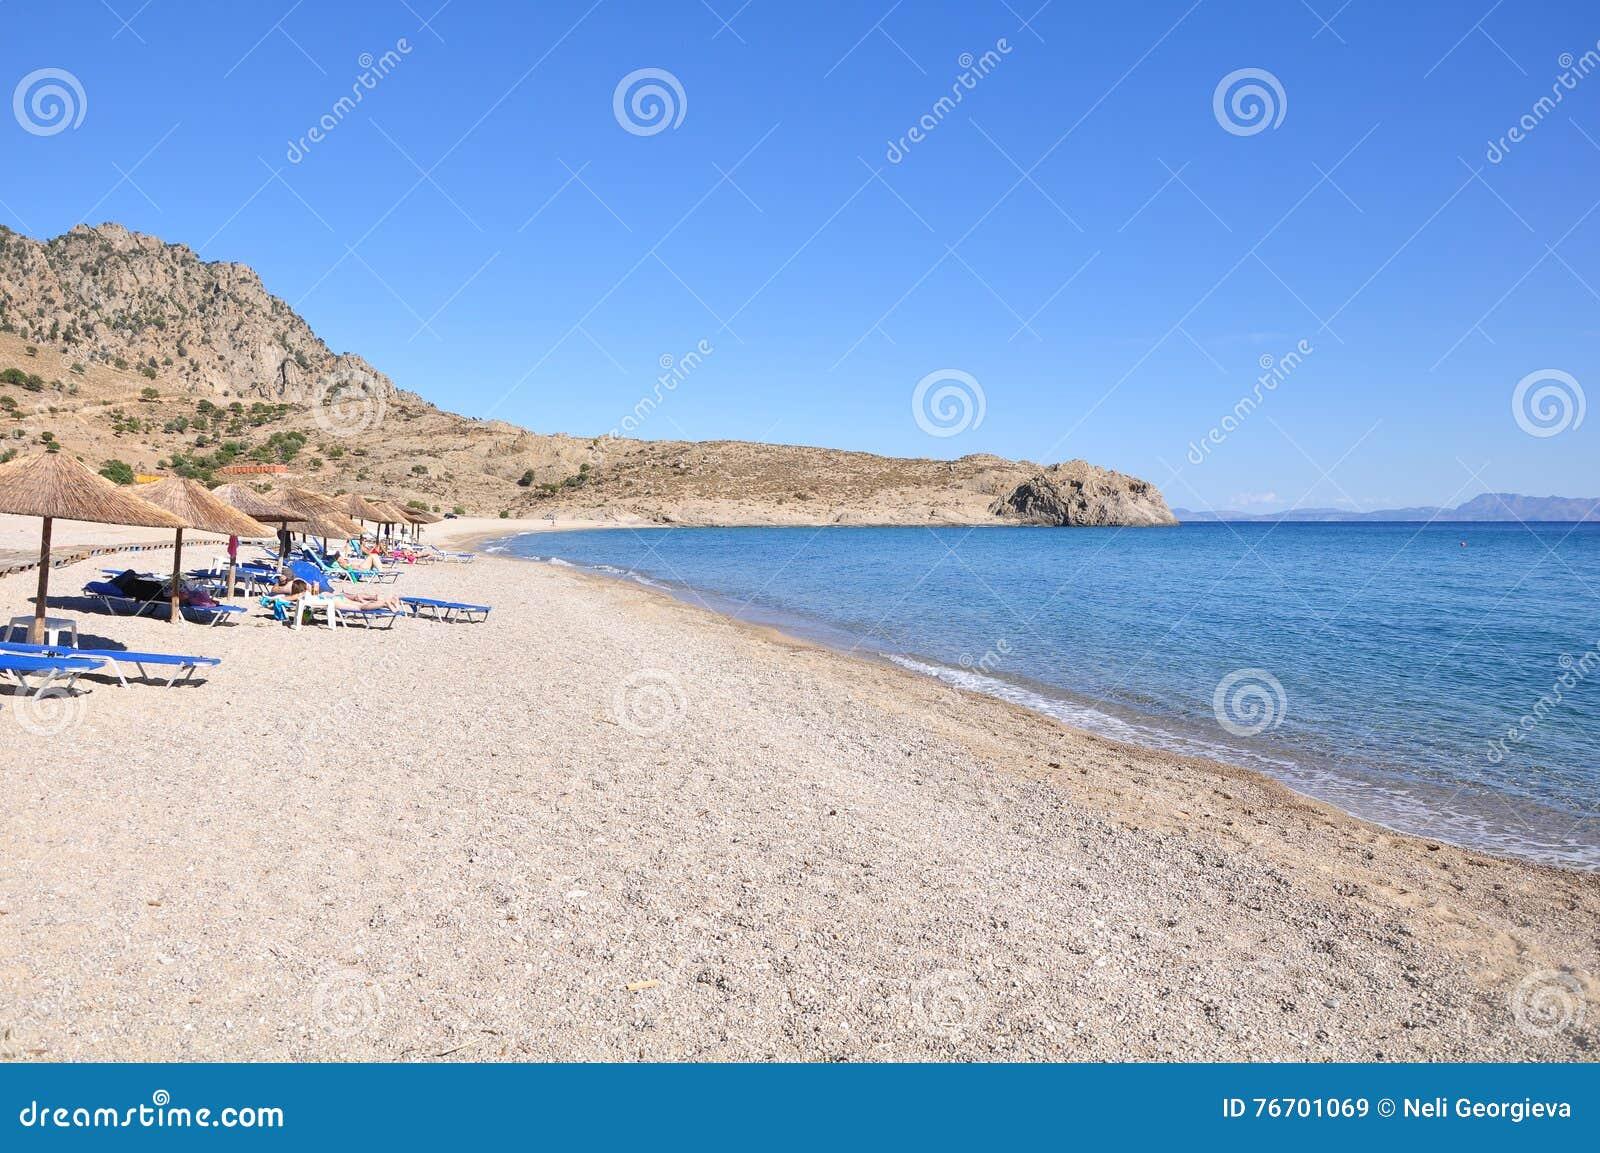  άκΠFÖR ¿ Î¸Ï FÖR ΣαÎ-¼ η, - Samothraki, Grekland